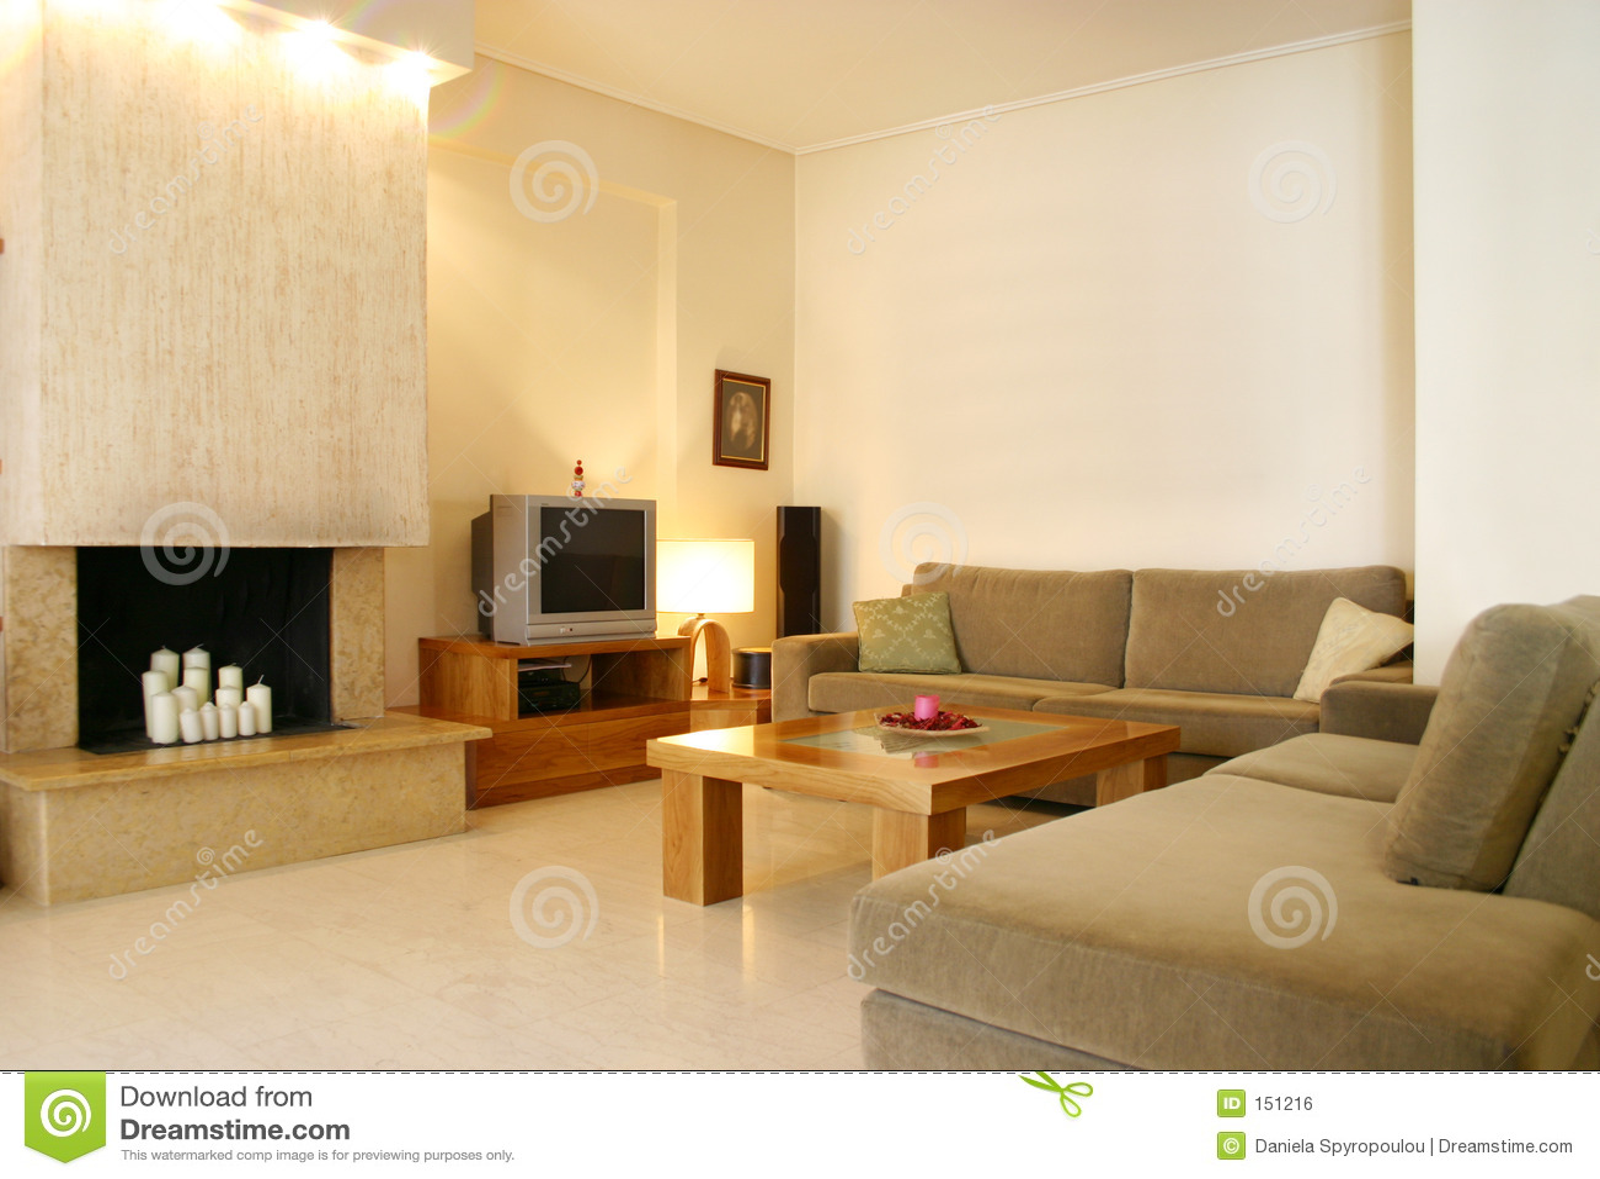 Contemporary design home interior